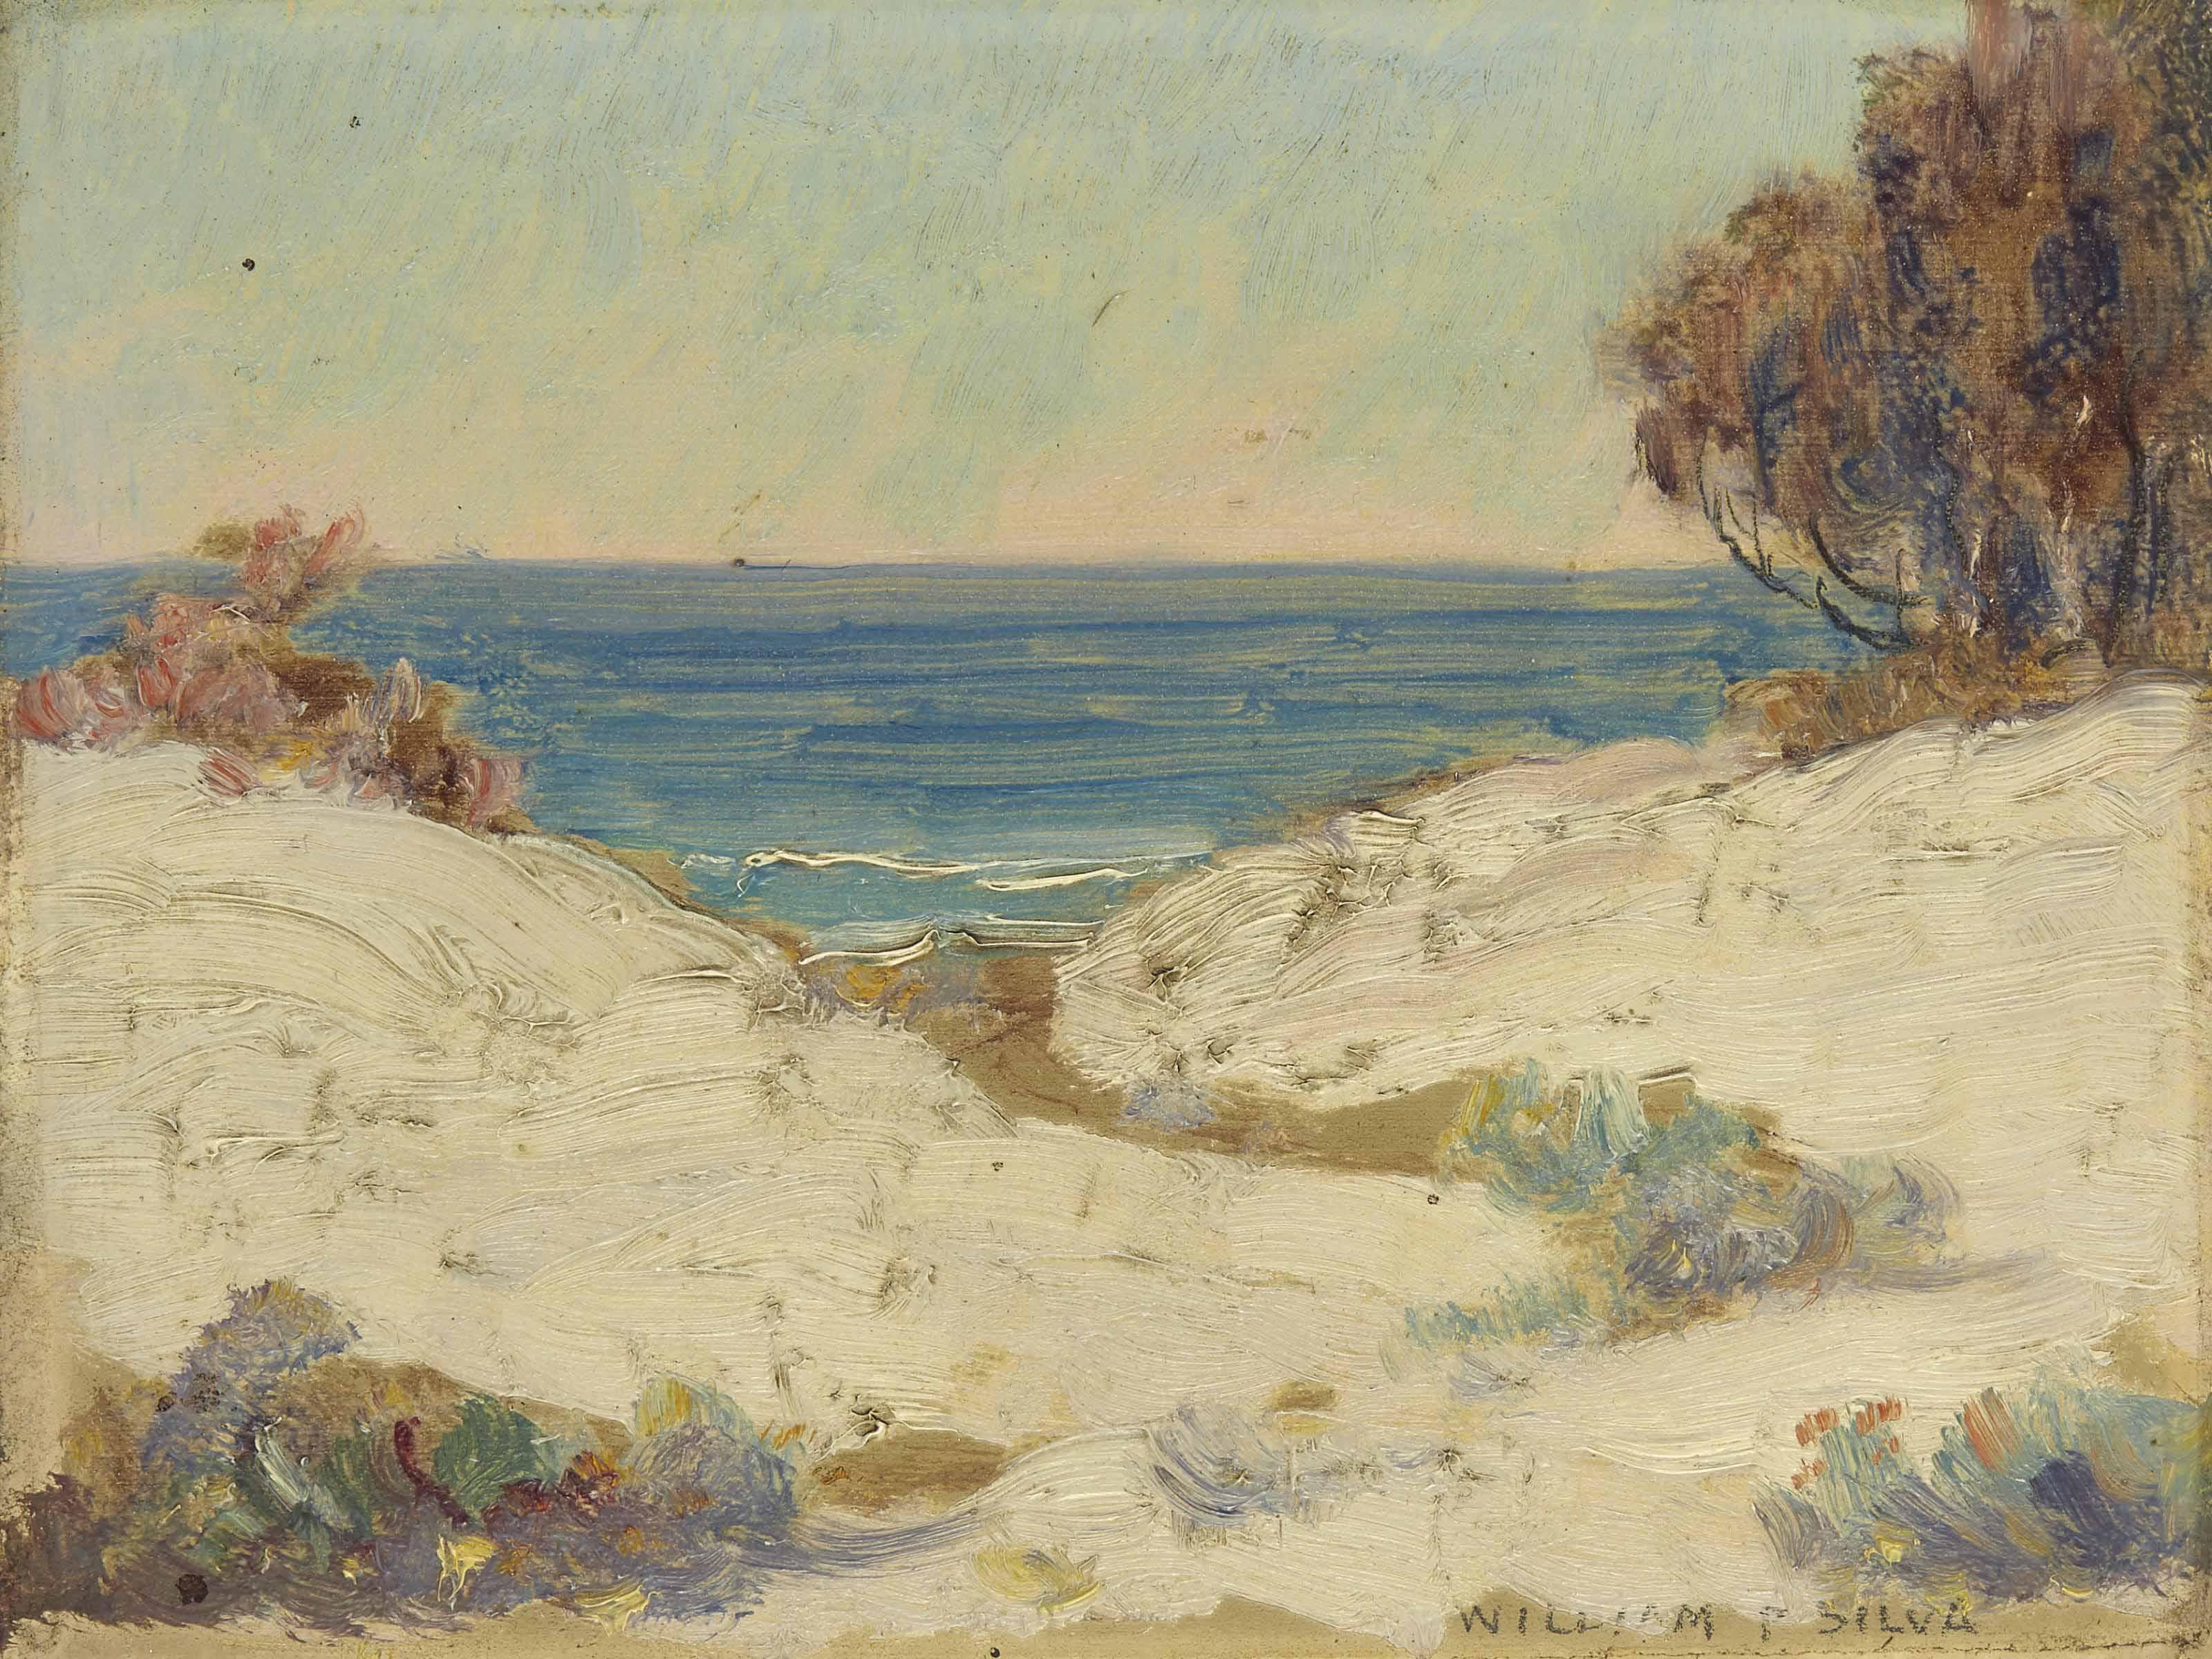 WILLIAM POSEY SILVA (1859-1948